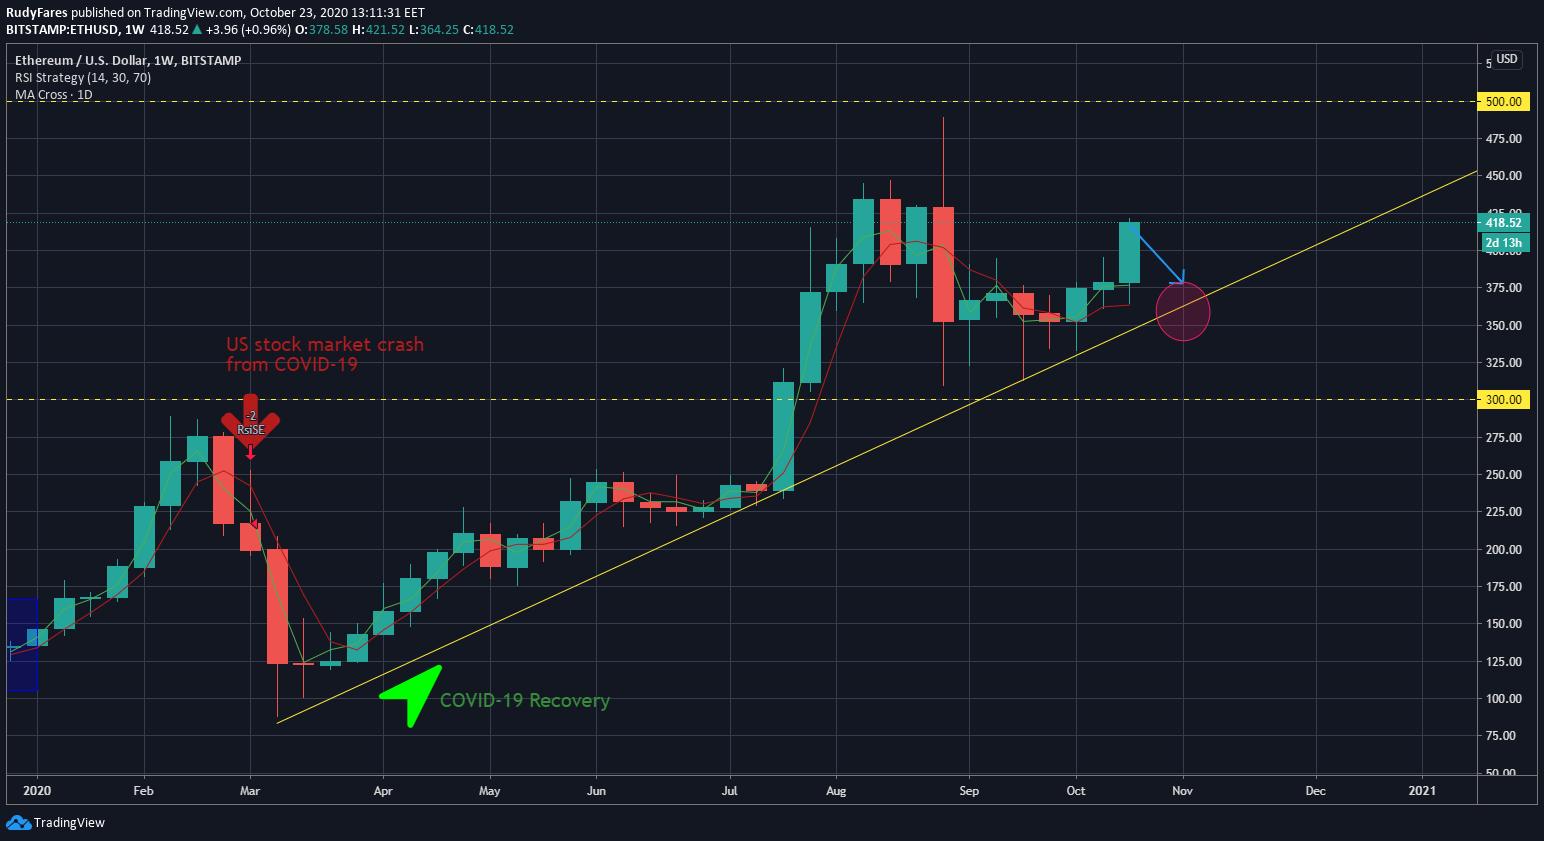 ETH/USD price 1W chart, scenario 2